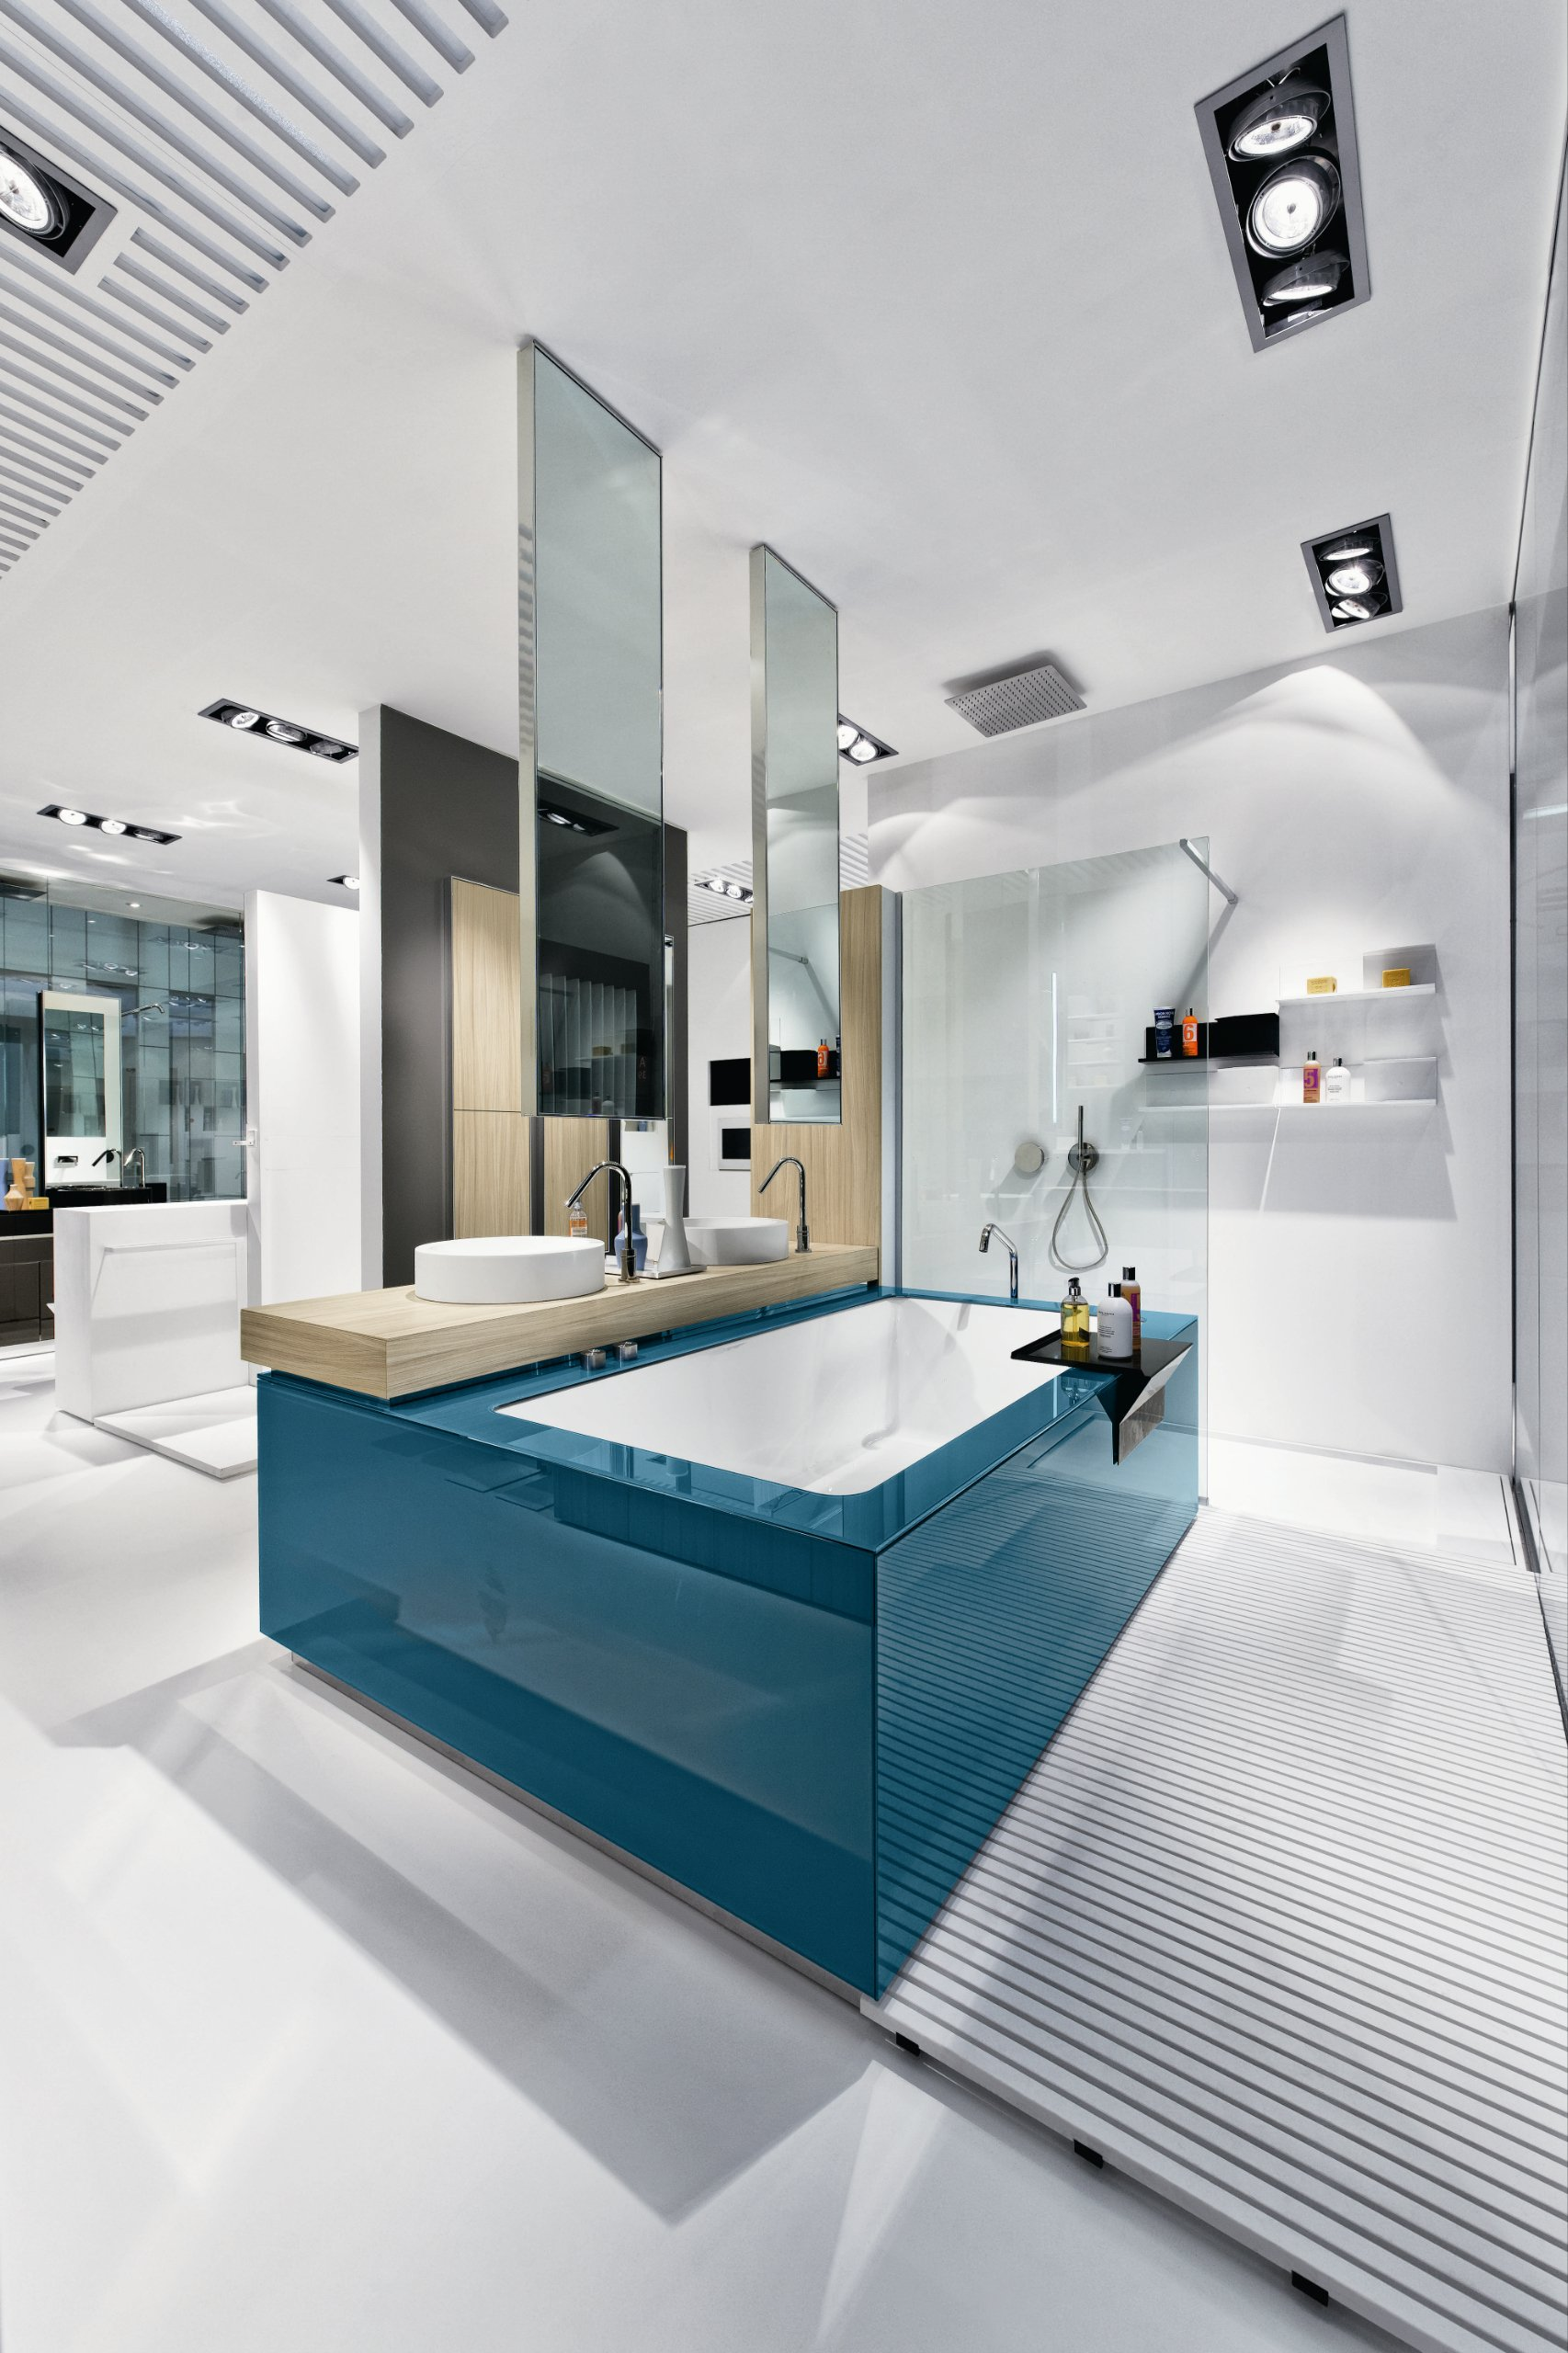 Salle de bains compl te baignoire lavabo bacs douche for Salle de bains complete